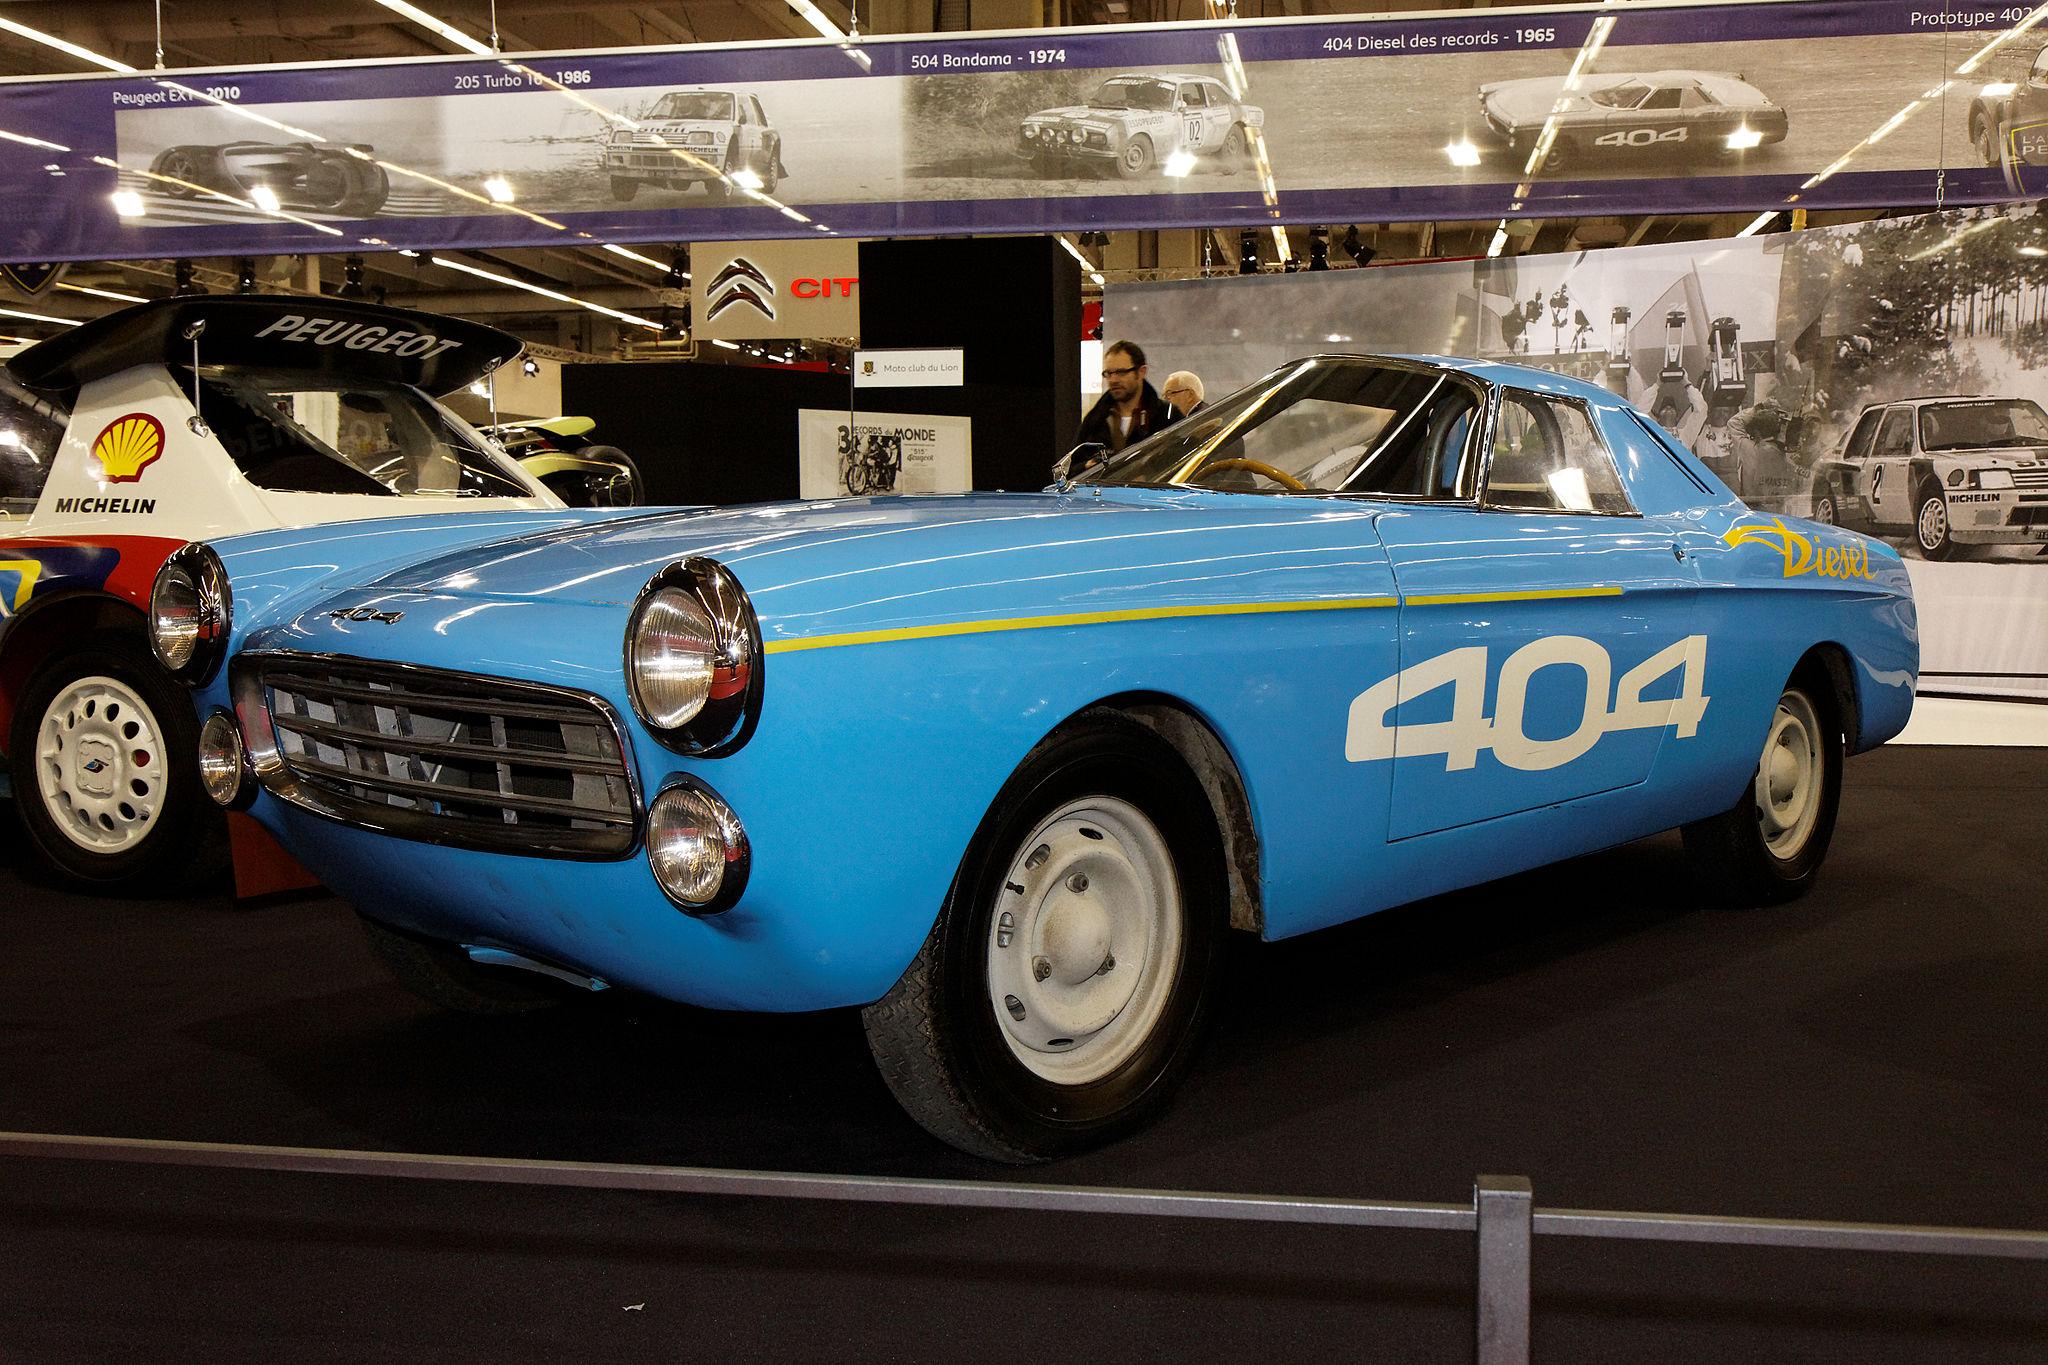 Peugeot 404 diesel des records - 1965